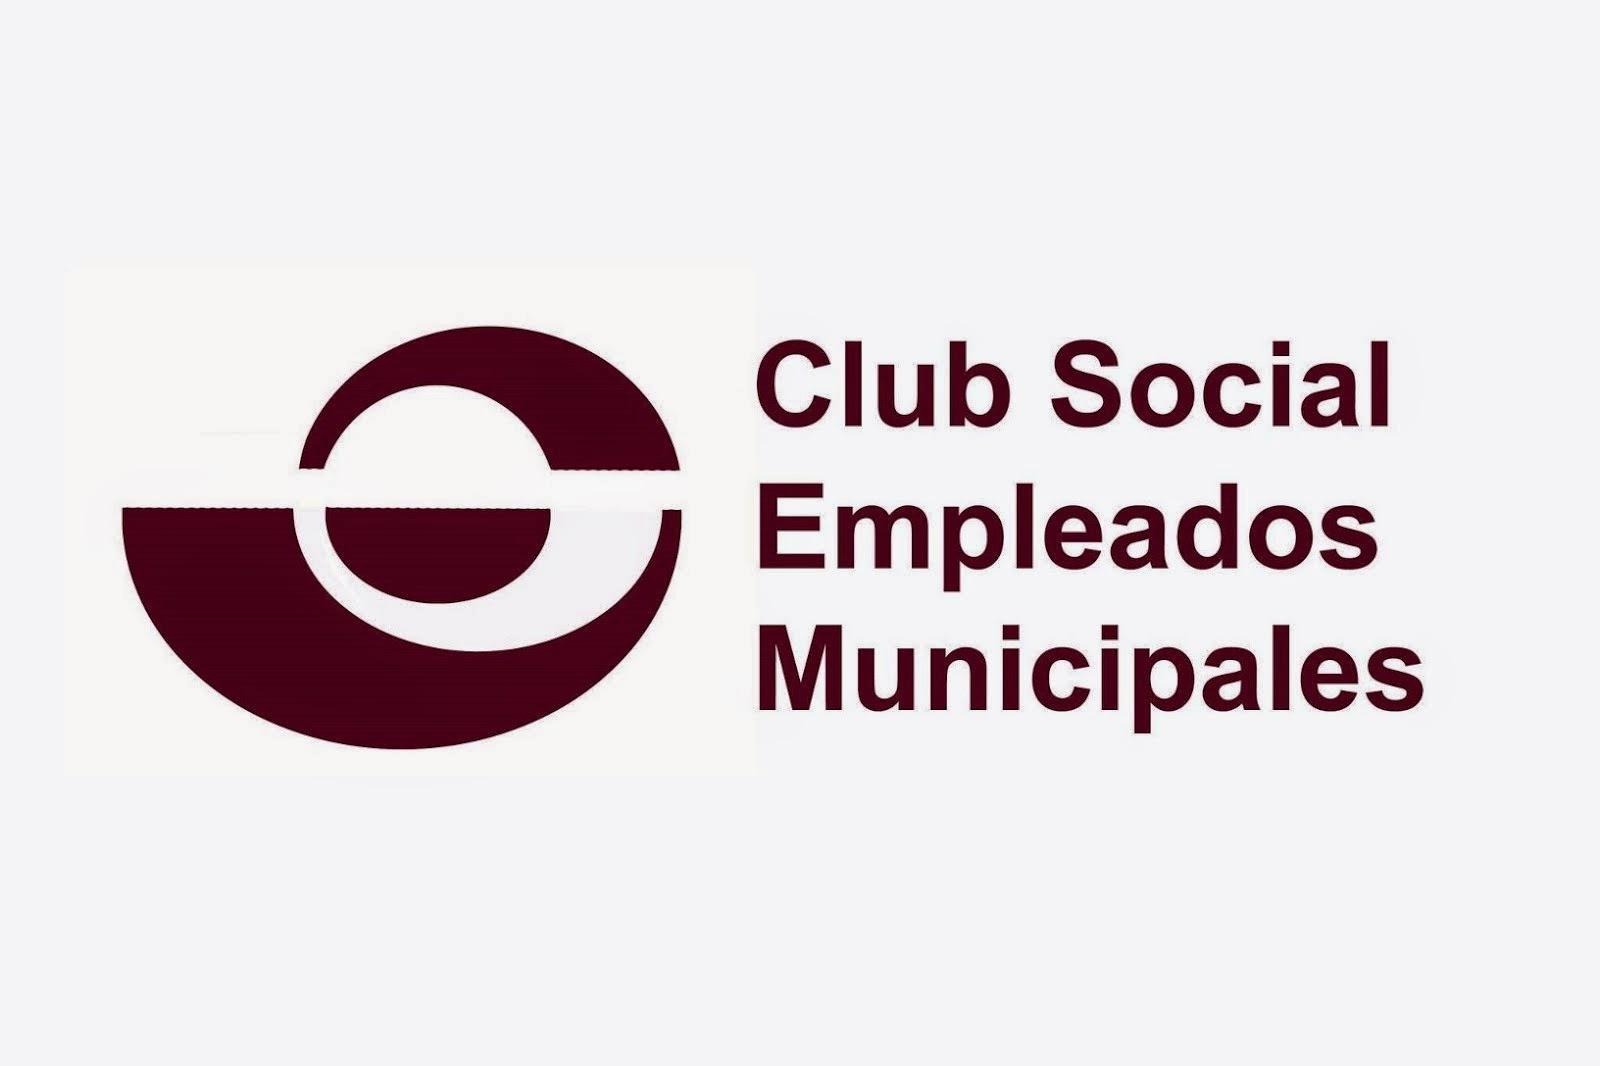 Club Social de Empleados Municipales de Cádiz